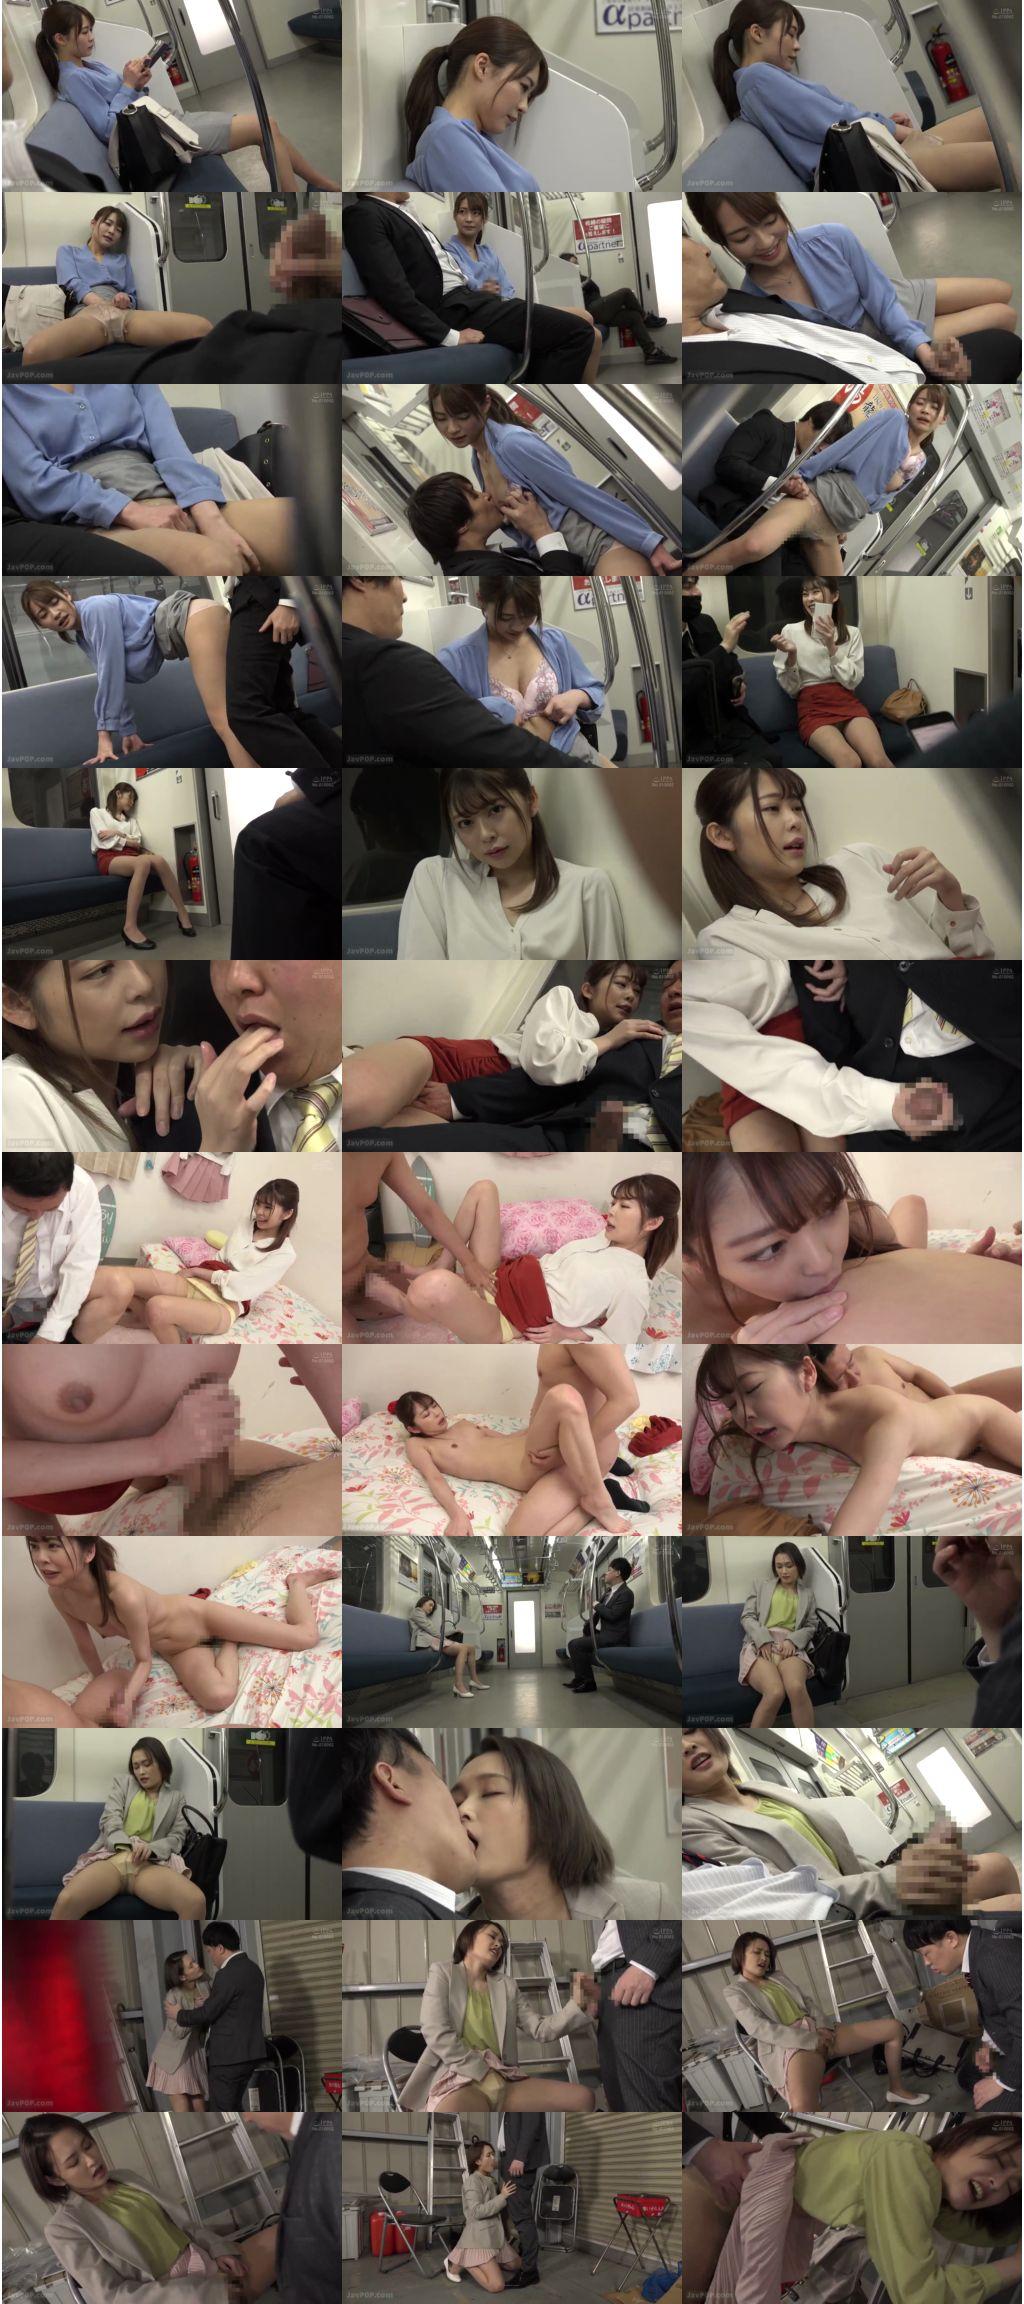 dandy 765 s - [DANDY-765] 最終電車で痴女とまさかの2人きり!向かいの座席でパンチラしてくるホロ酔い美脚女の誘惑で勃起したらヤられたVOL.3 Tanaka . Bacon Older Sister お姉さん Underwear Slut